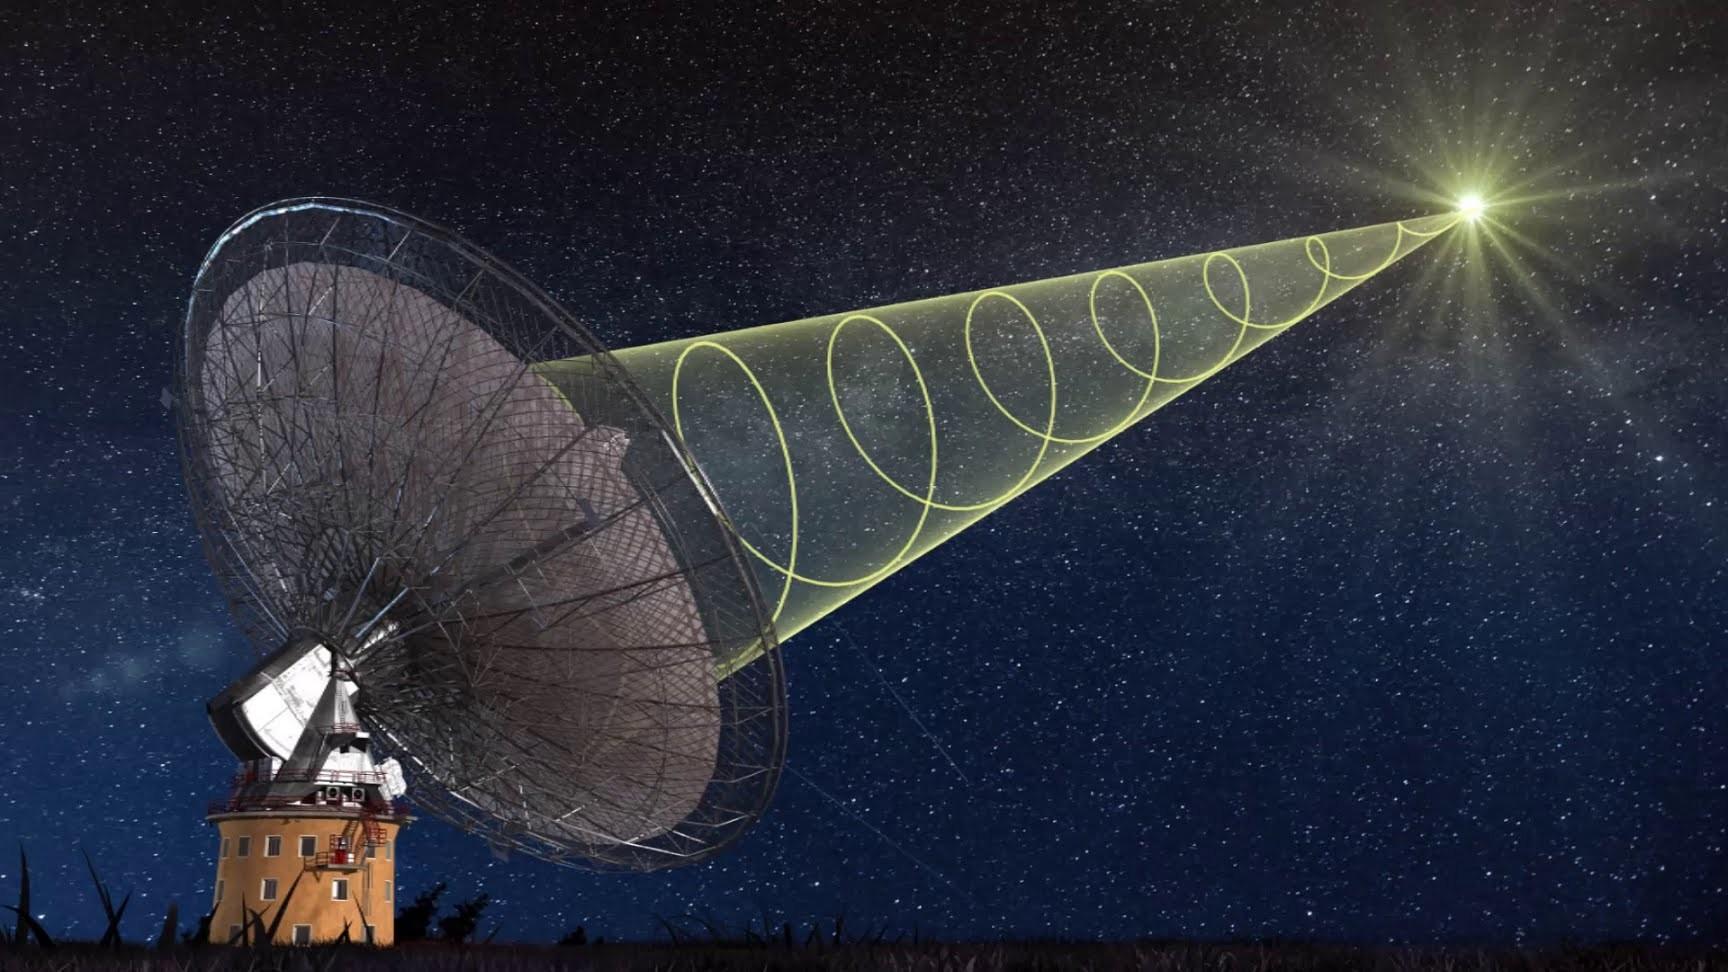 В METI не исключили, что внеземные цивилизации не пытаются установить контакт